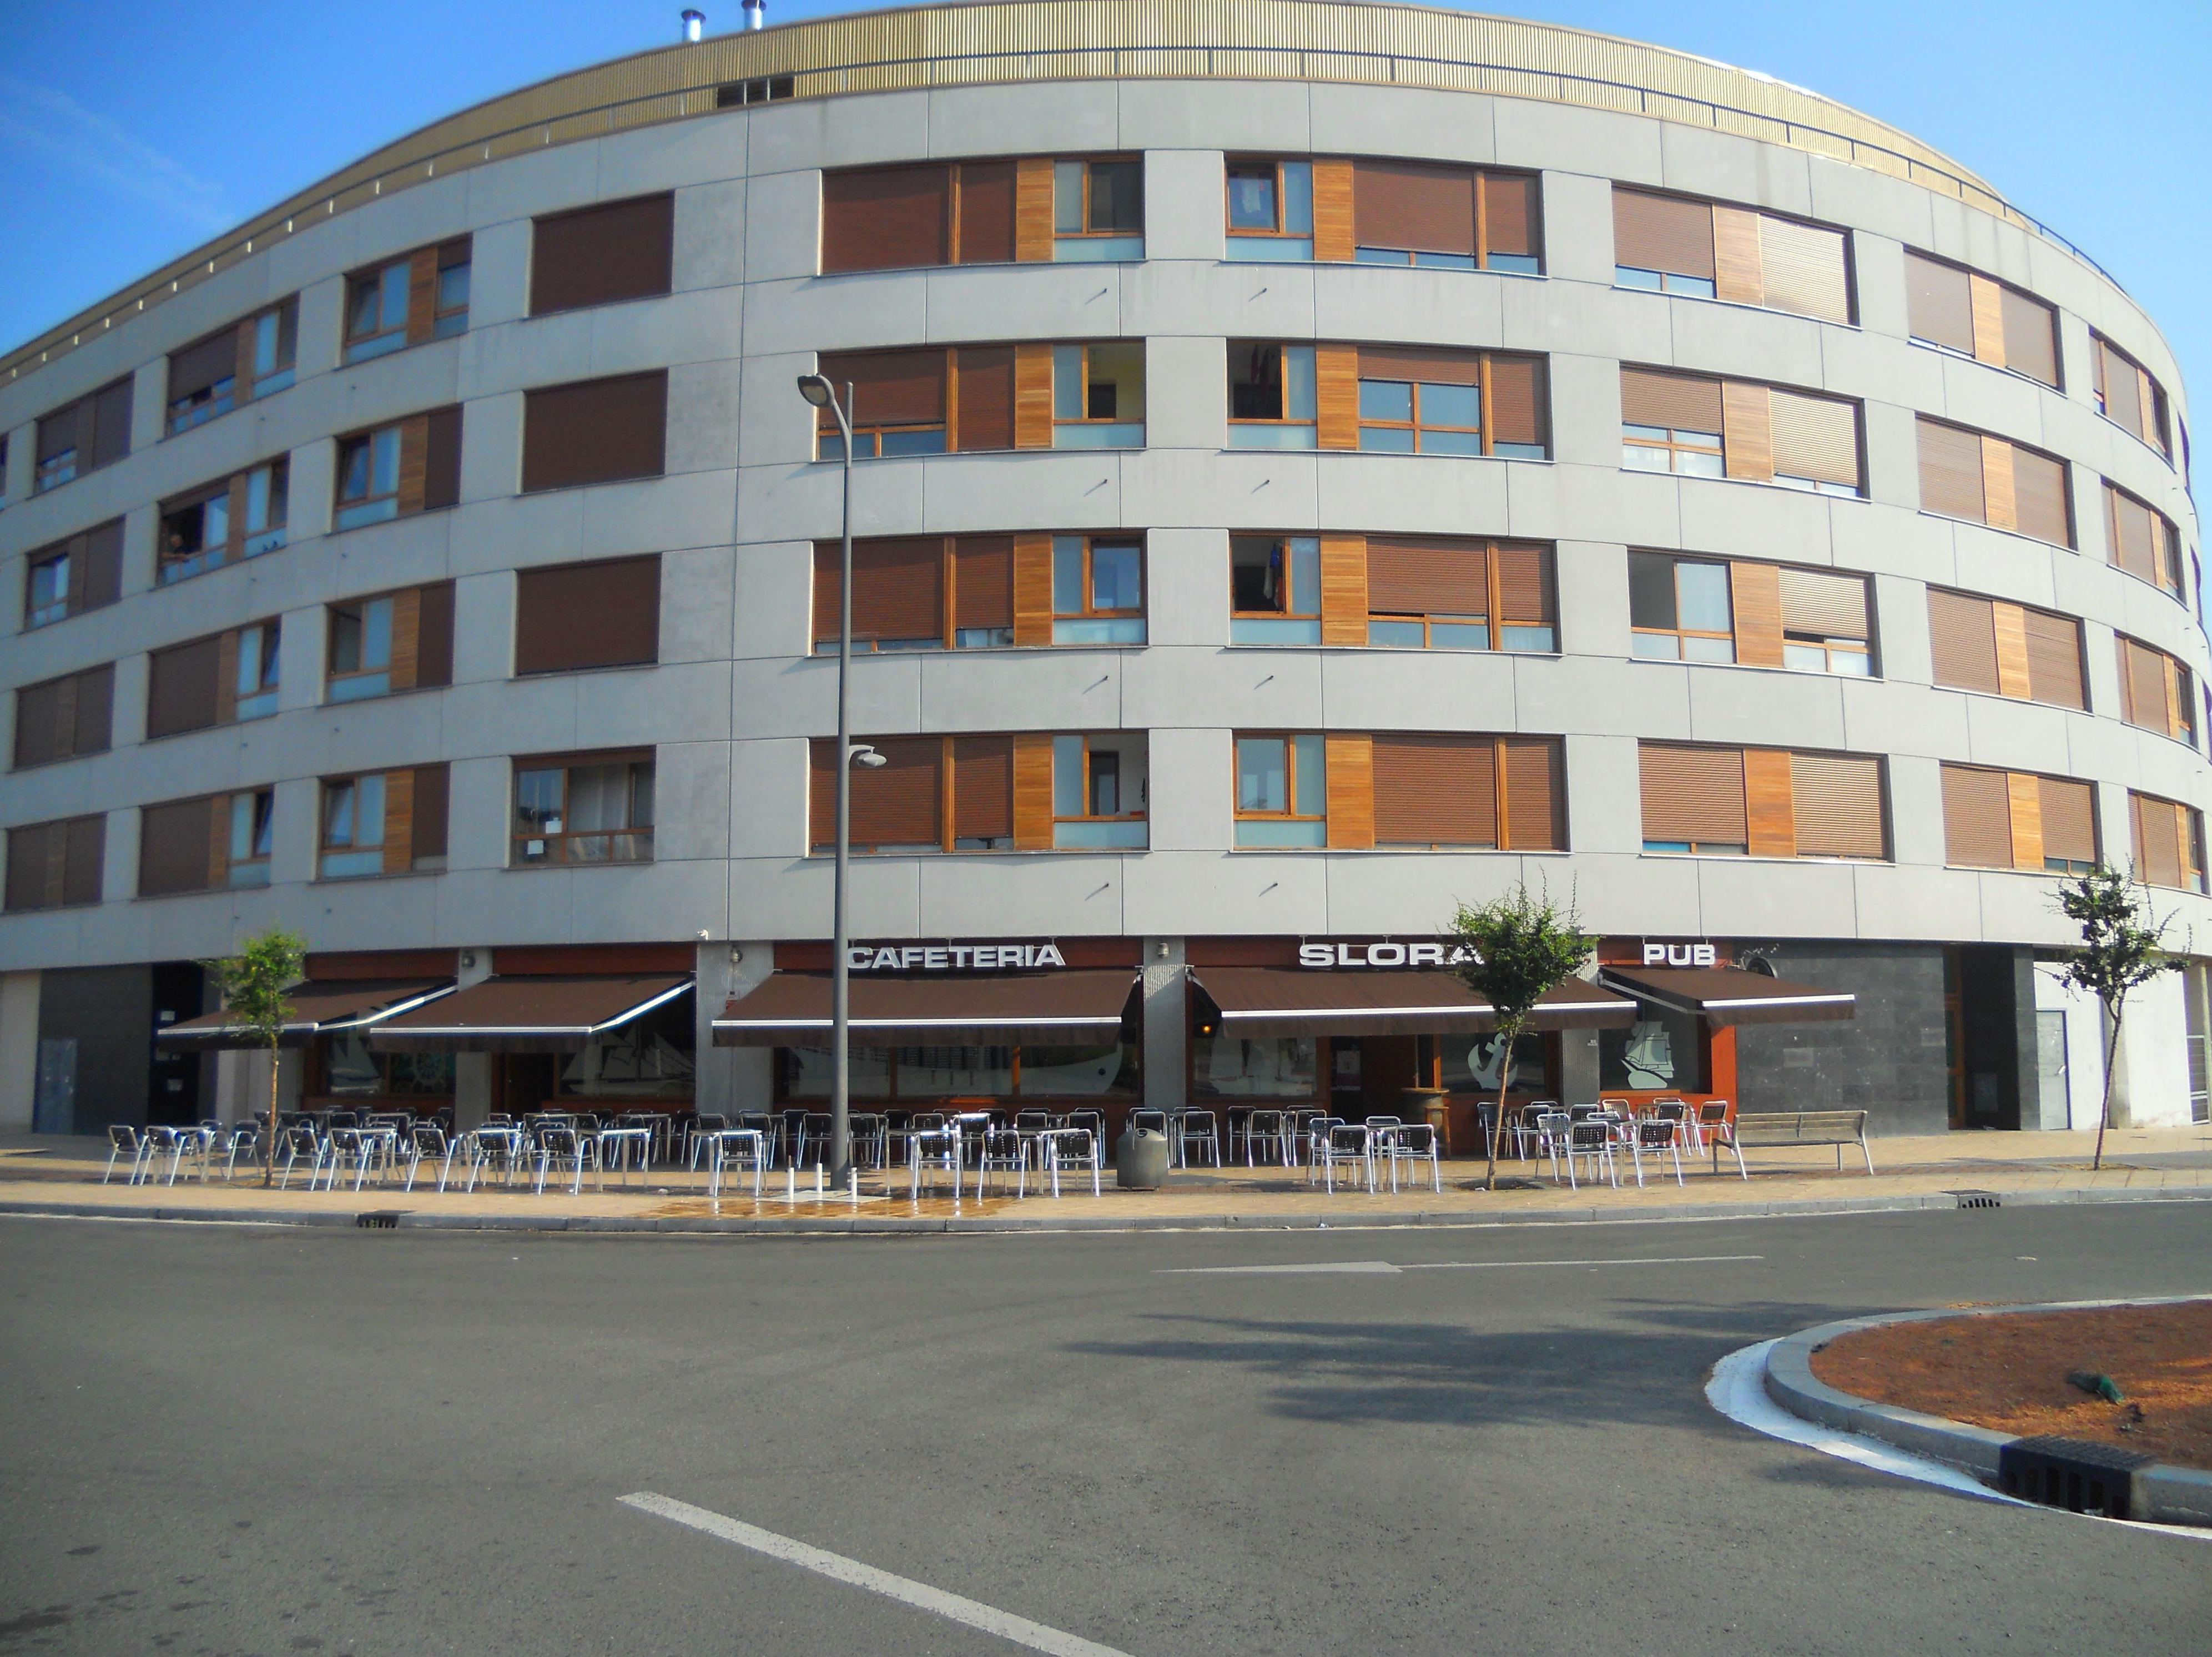 Foto 42 de Cafetería en Vitoria-Gasteiz | Slora